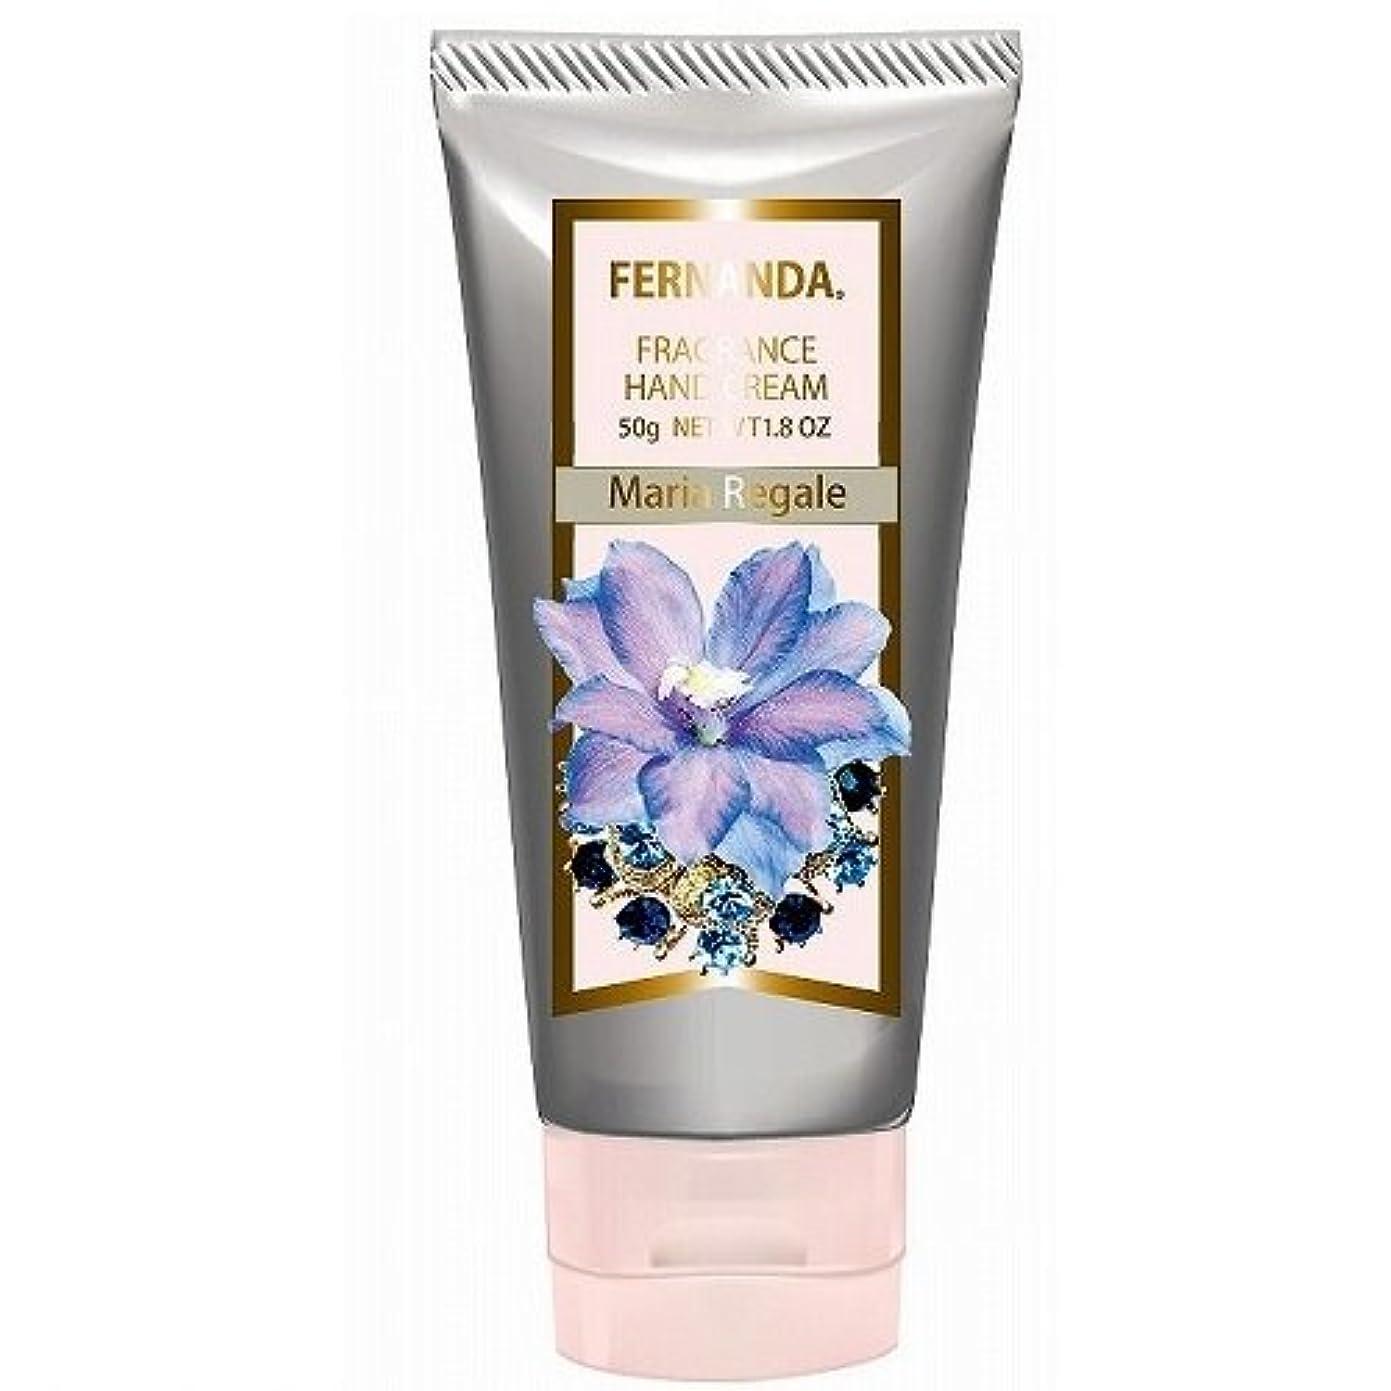 リラックスした共産主義者ヶ月目FERNANDA(フェルナンダ) Hand Cream Maria Regale (ハンド クリーム マリアリゲル)